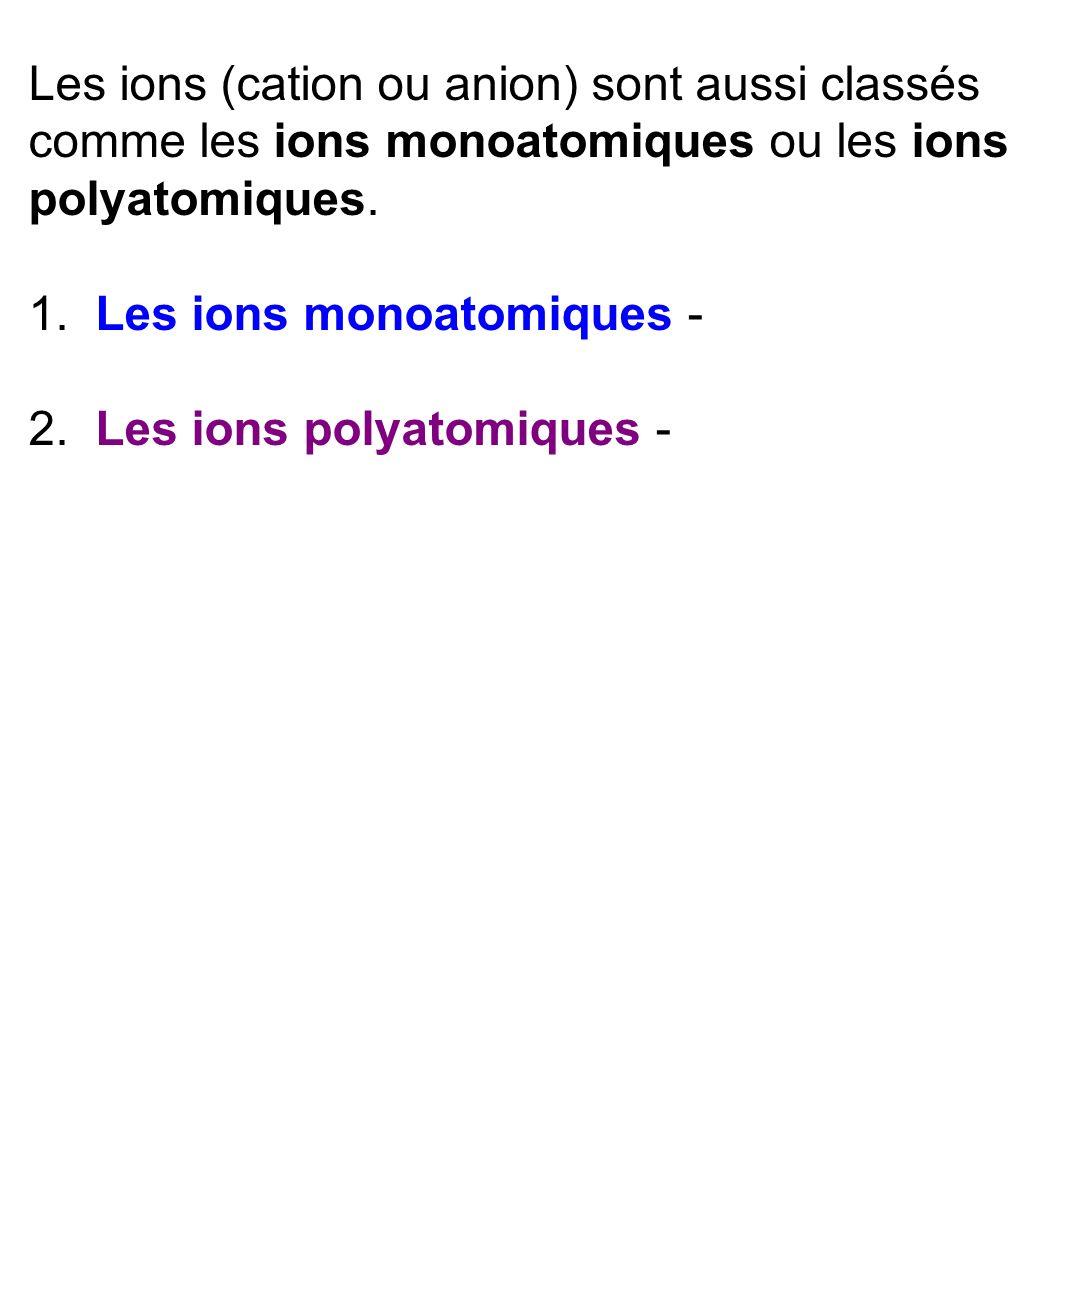 Les ions (cation ou anion) sont aussi classés comme les ions monoatomiques ou les ions polyatomiques.